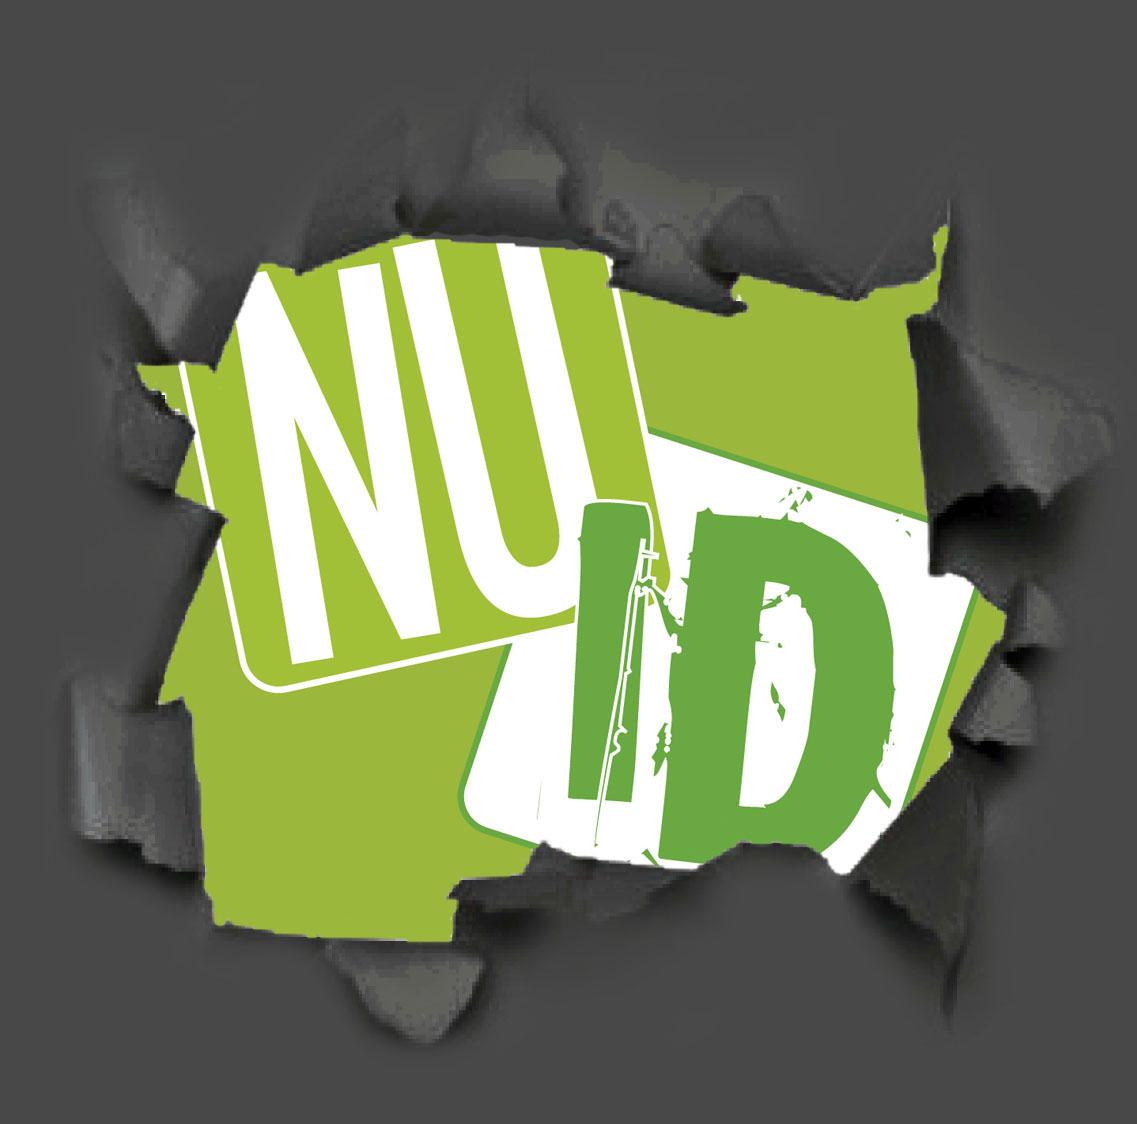 NUID Ltd